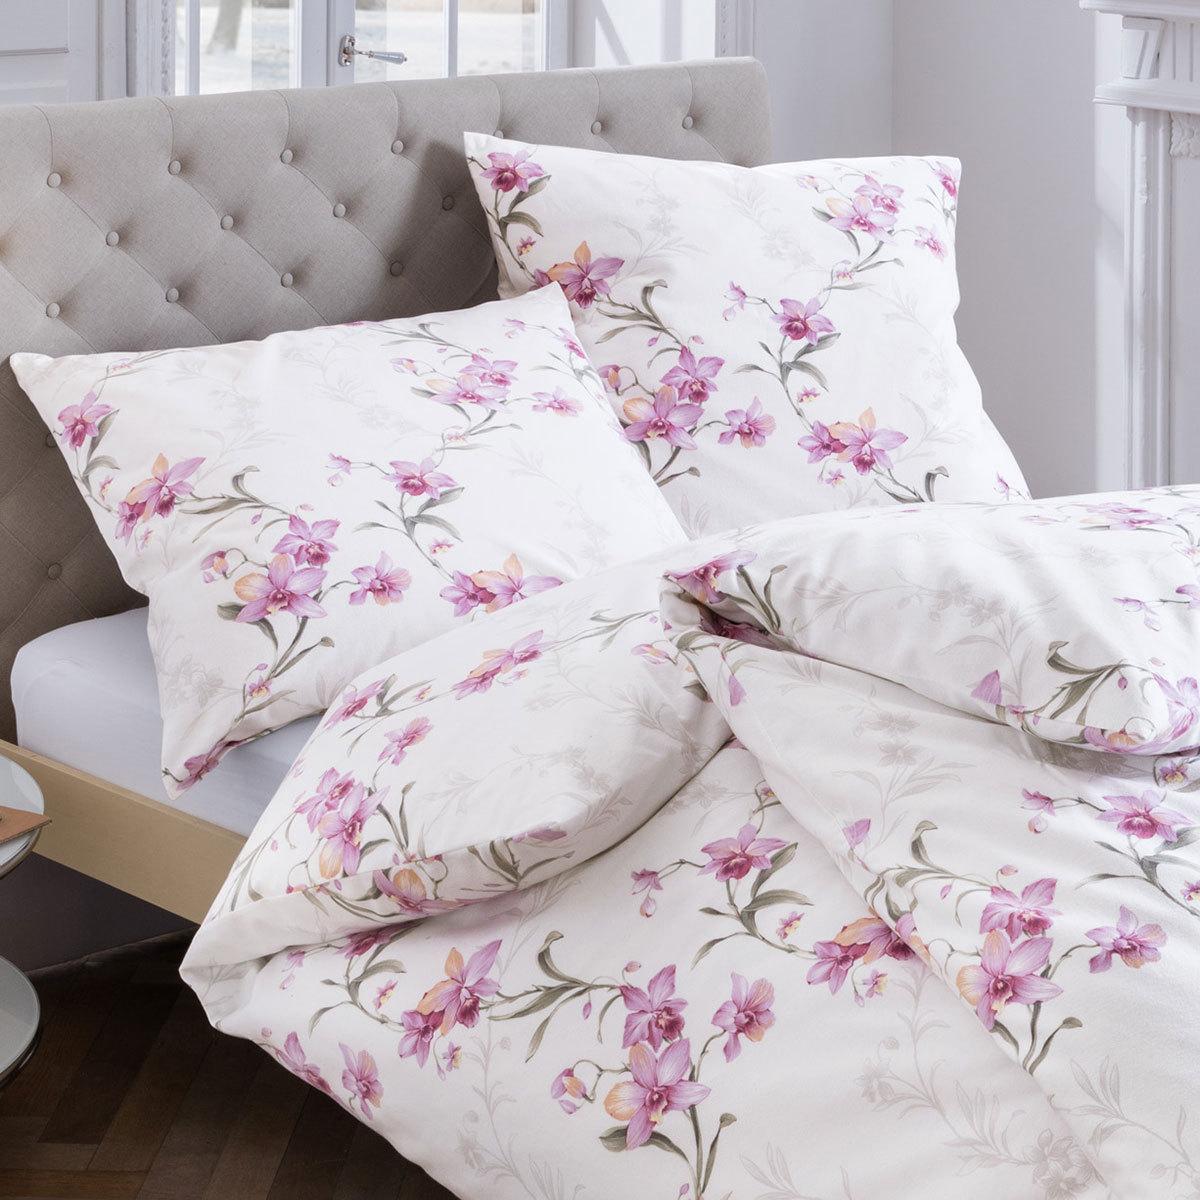 estella feinflanell bettw sche sellrain violett g nstig online kaufen bei bettwaren shop. Black Bedroom Furniture Sets. Home Design Ideas